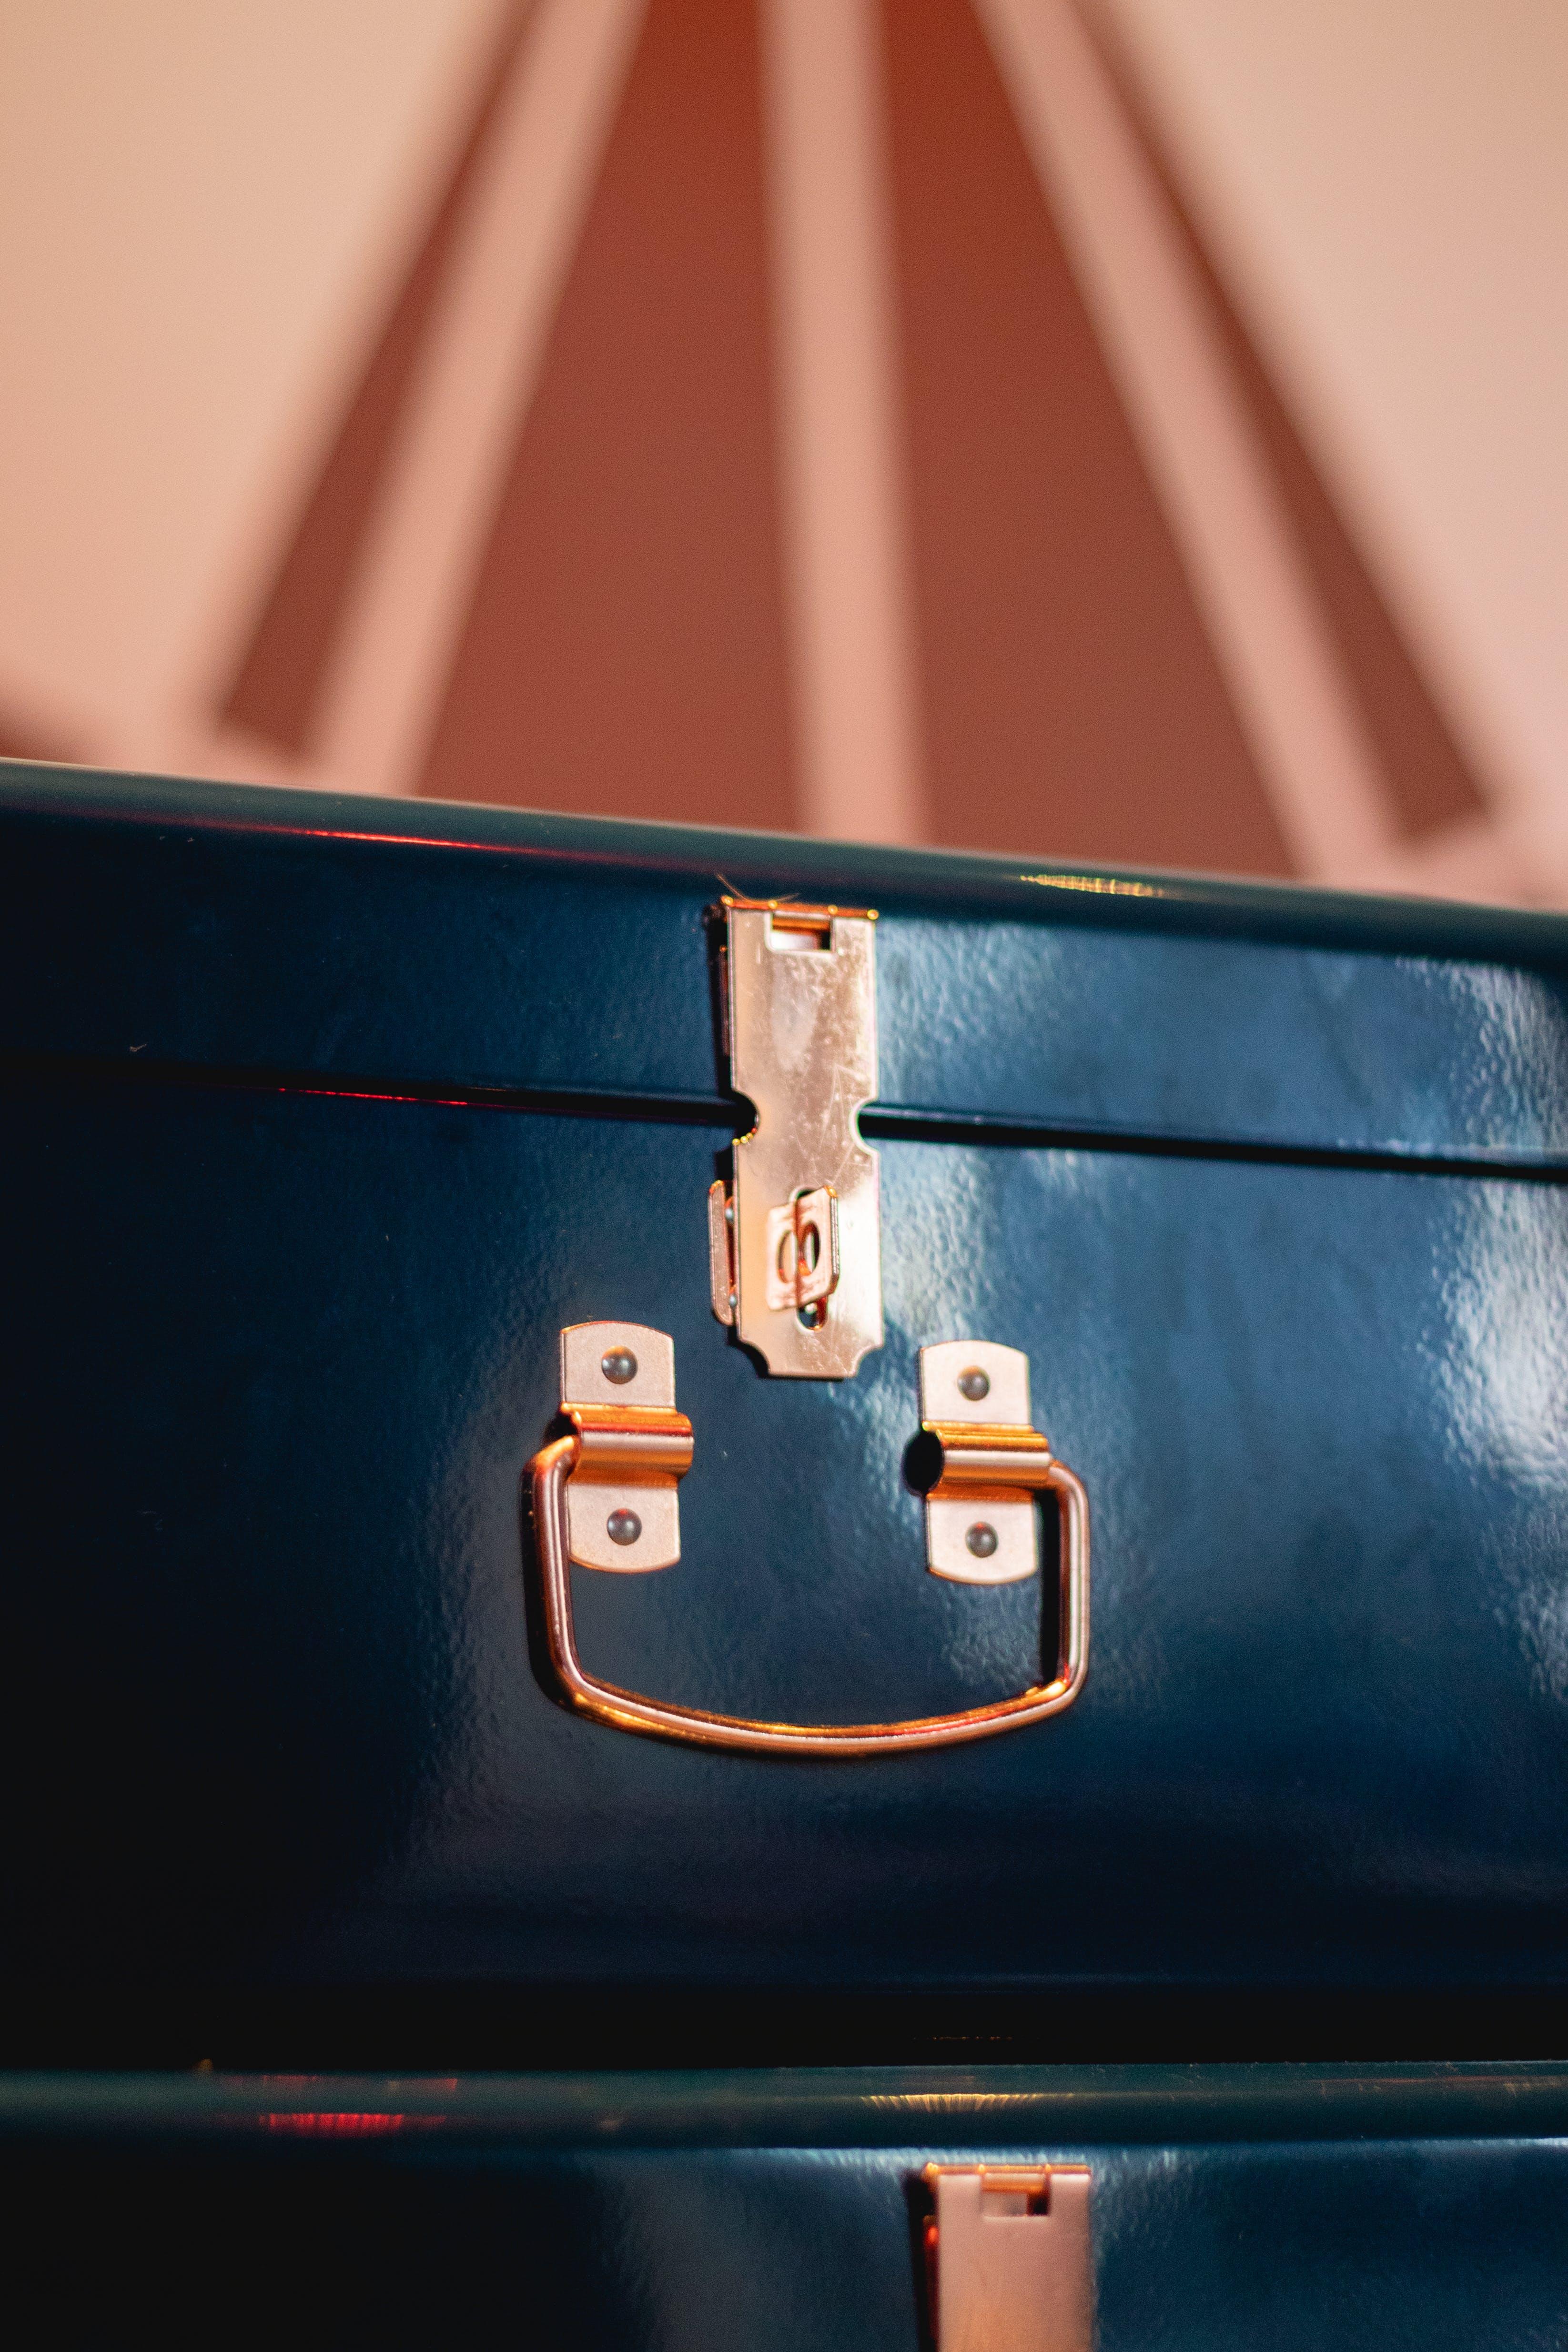 Δωρεάν στοκ φωτογραφιών με ατσάλι, βαλίτσα, γκρο πλαν, δέρμα